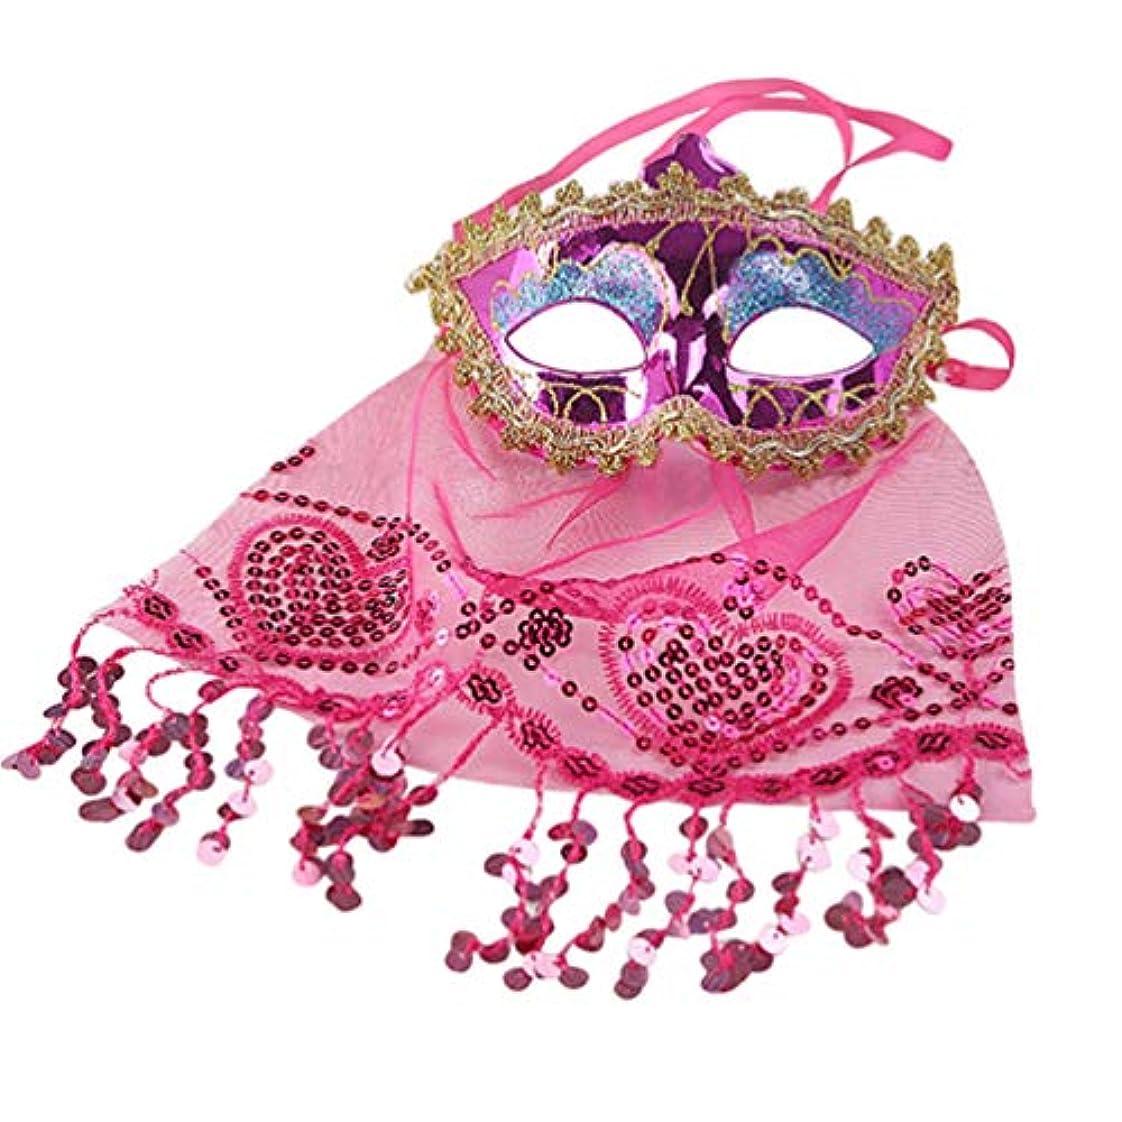 雄弁家宮殿寛大なTOYANDONA ベールマスク ベリーダンスベール 踊り パーティー 魅力的 仮面舞踏会マスク ハロウィンコスチューム